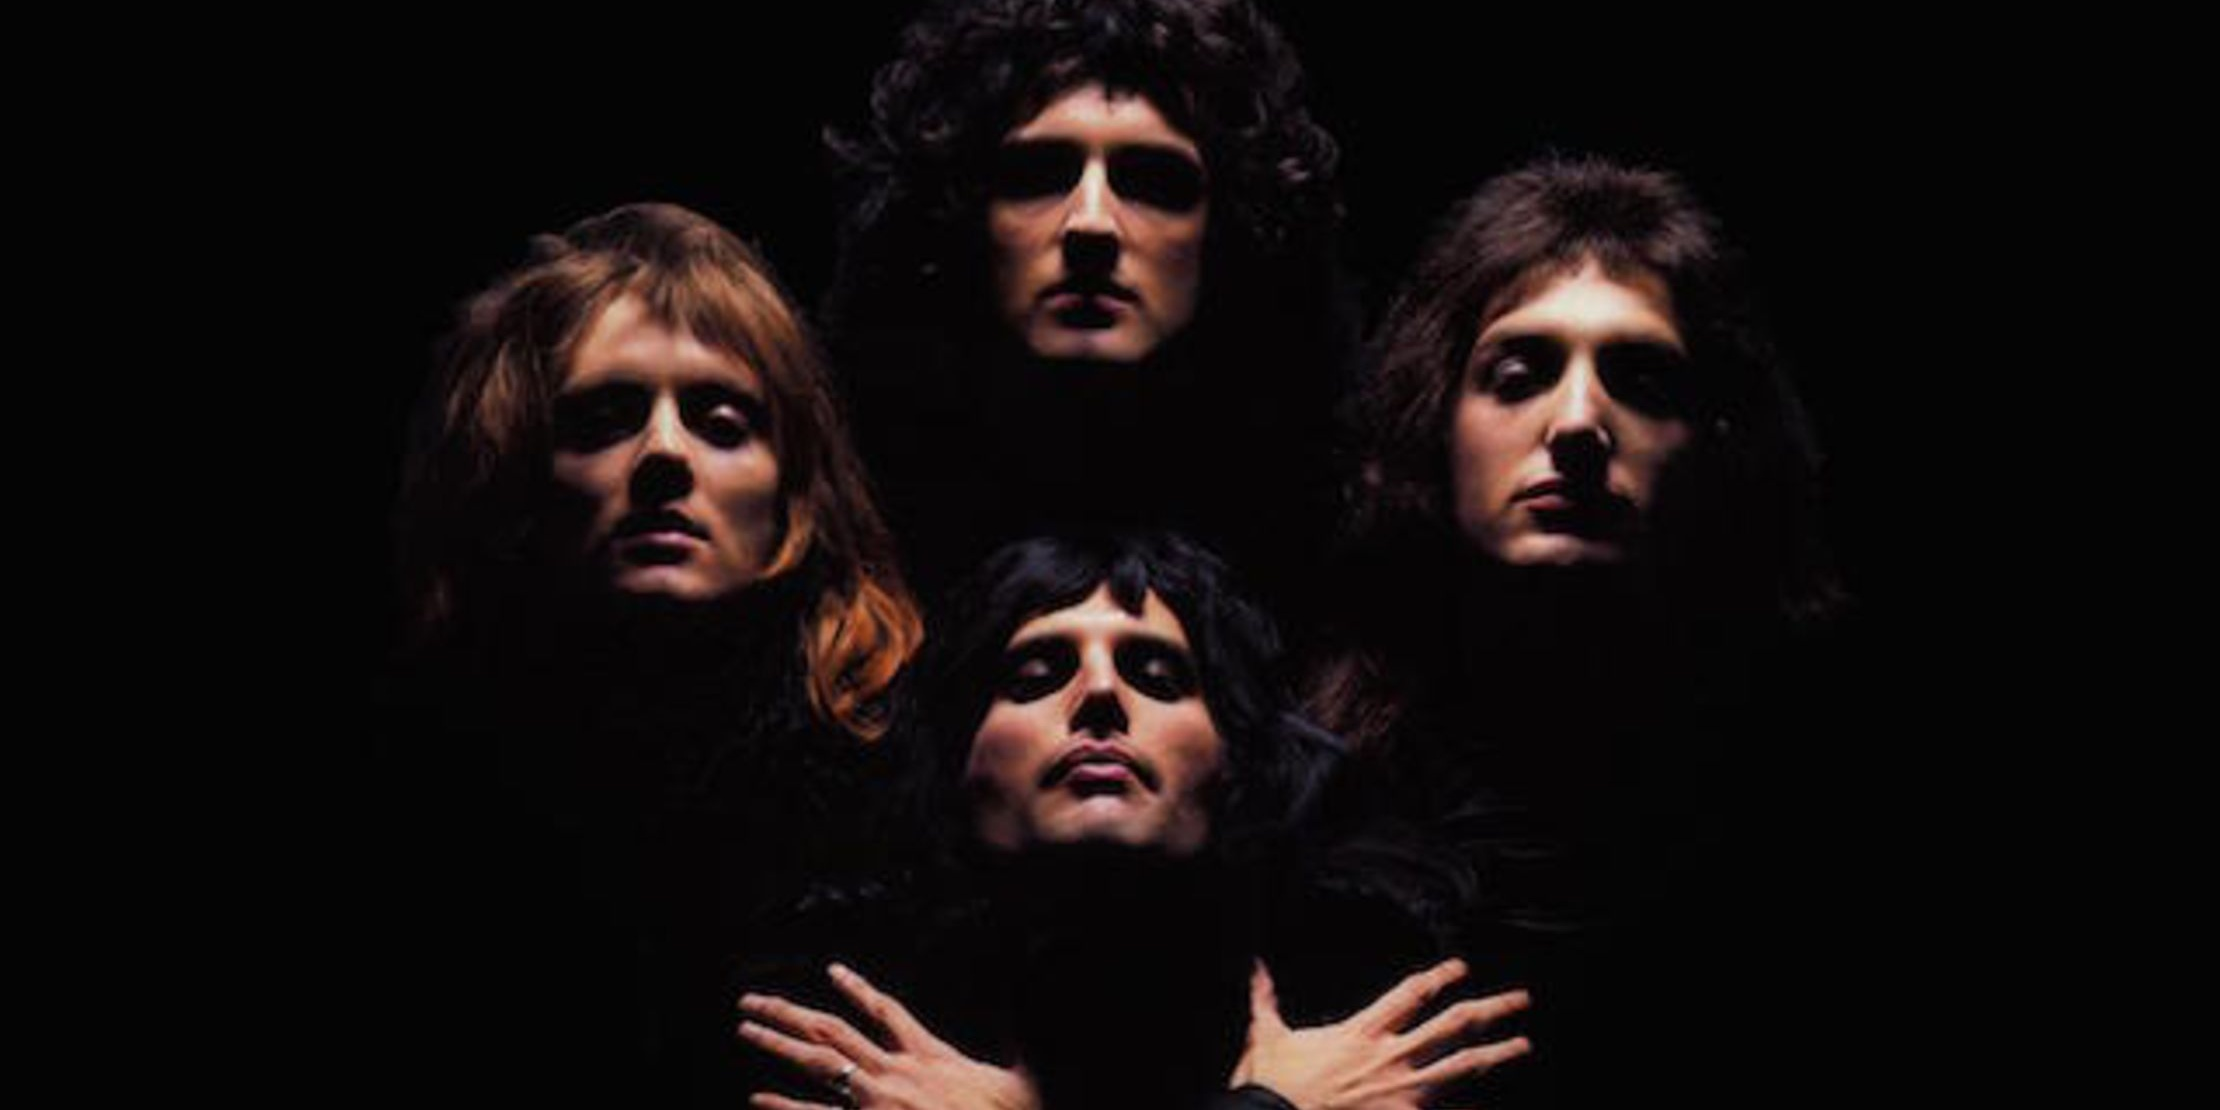 Queen's 'Bohemian Rhapsody' clocks in 1 billion views on YouTube